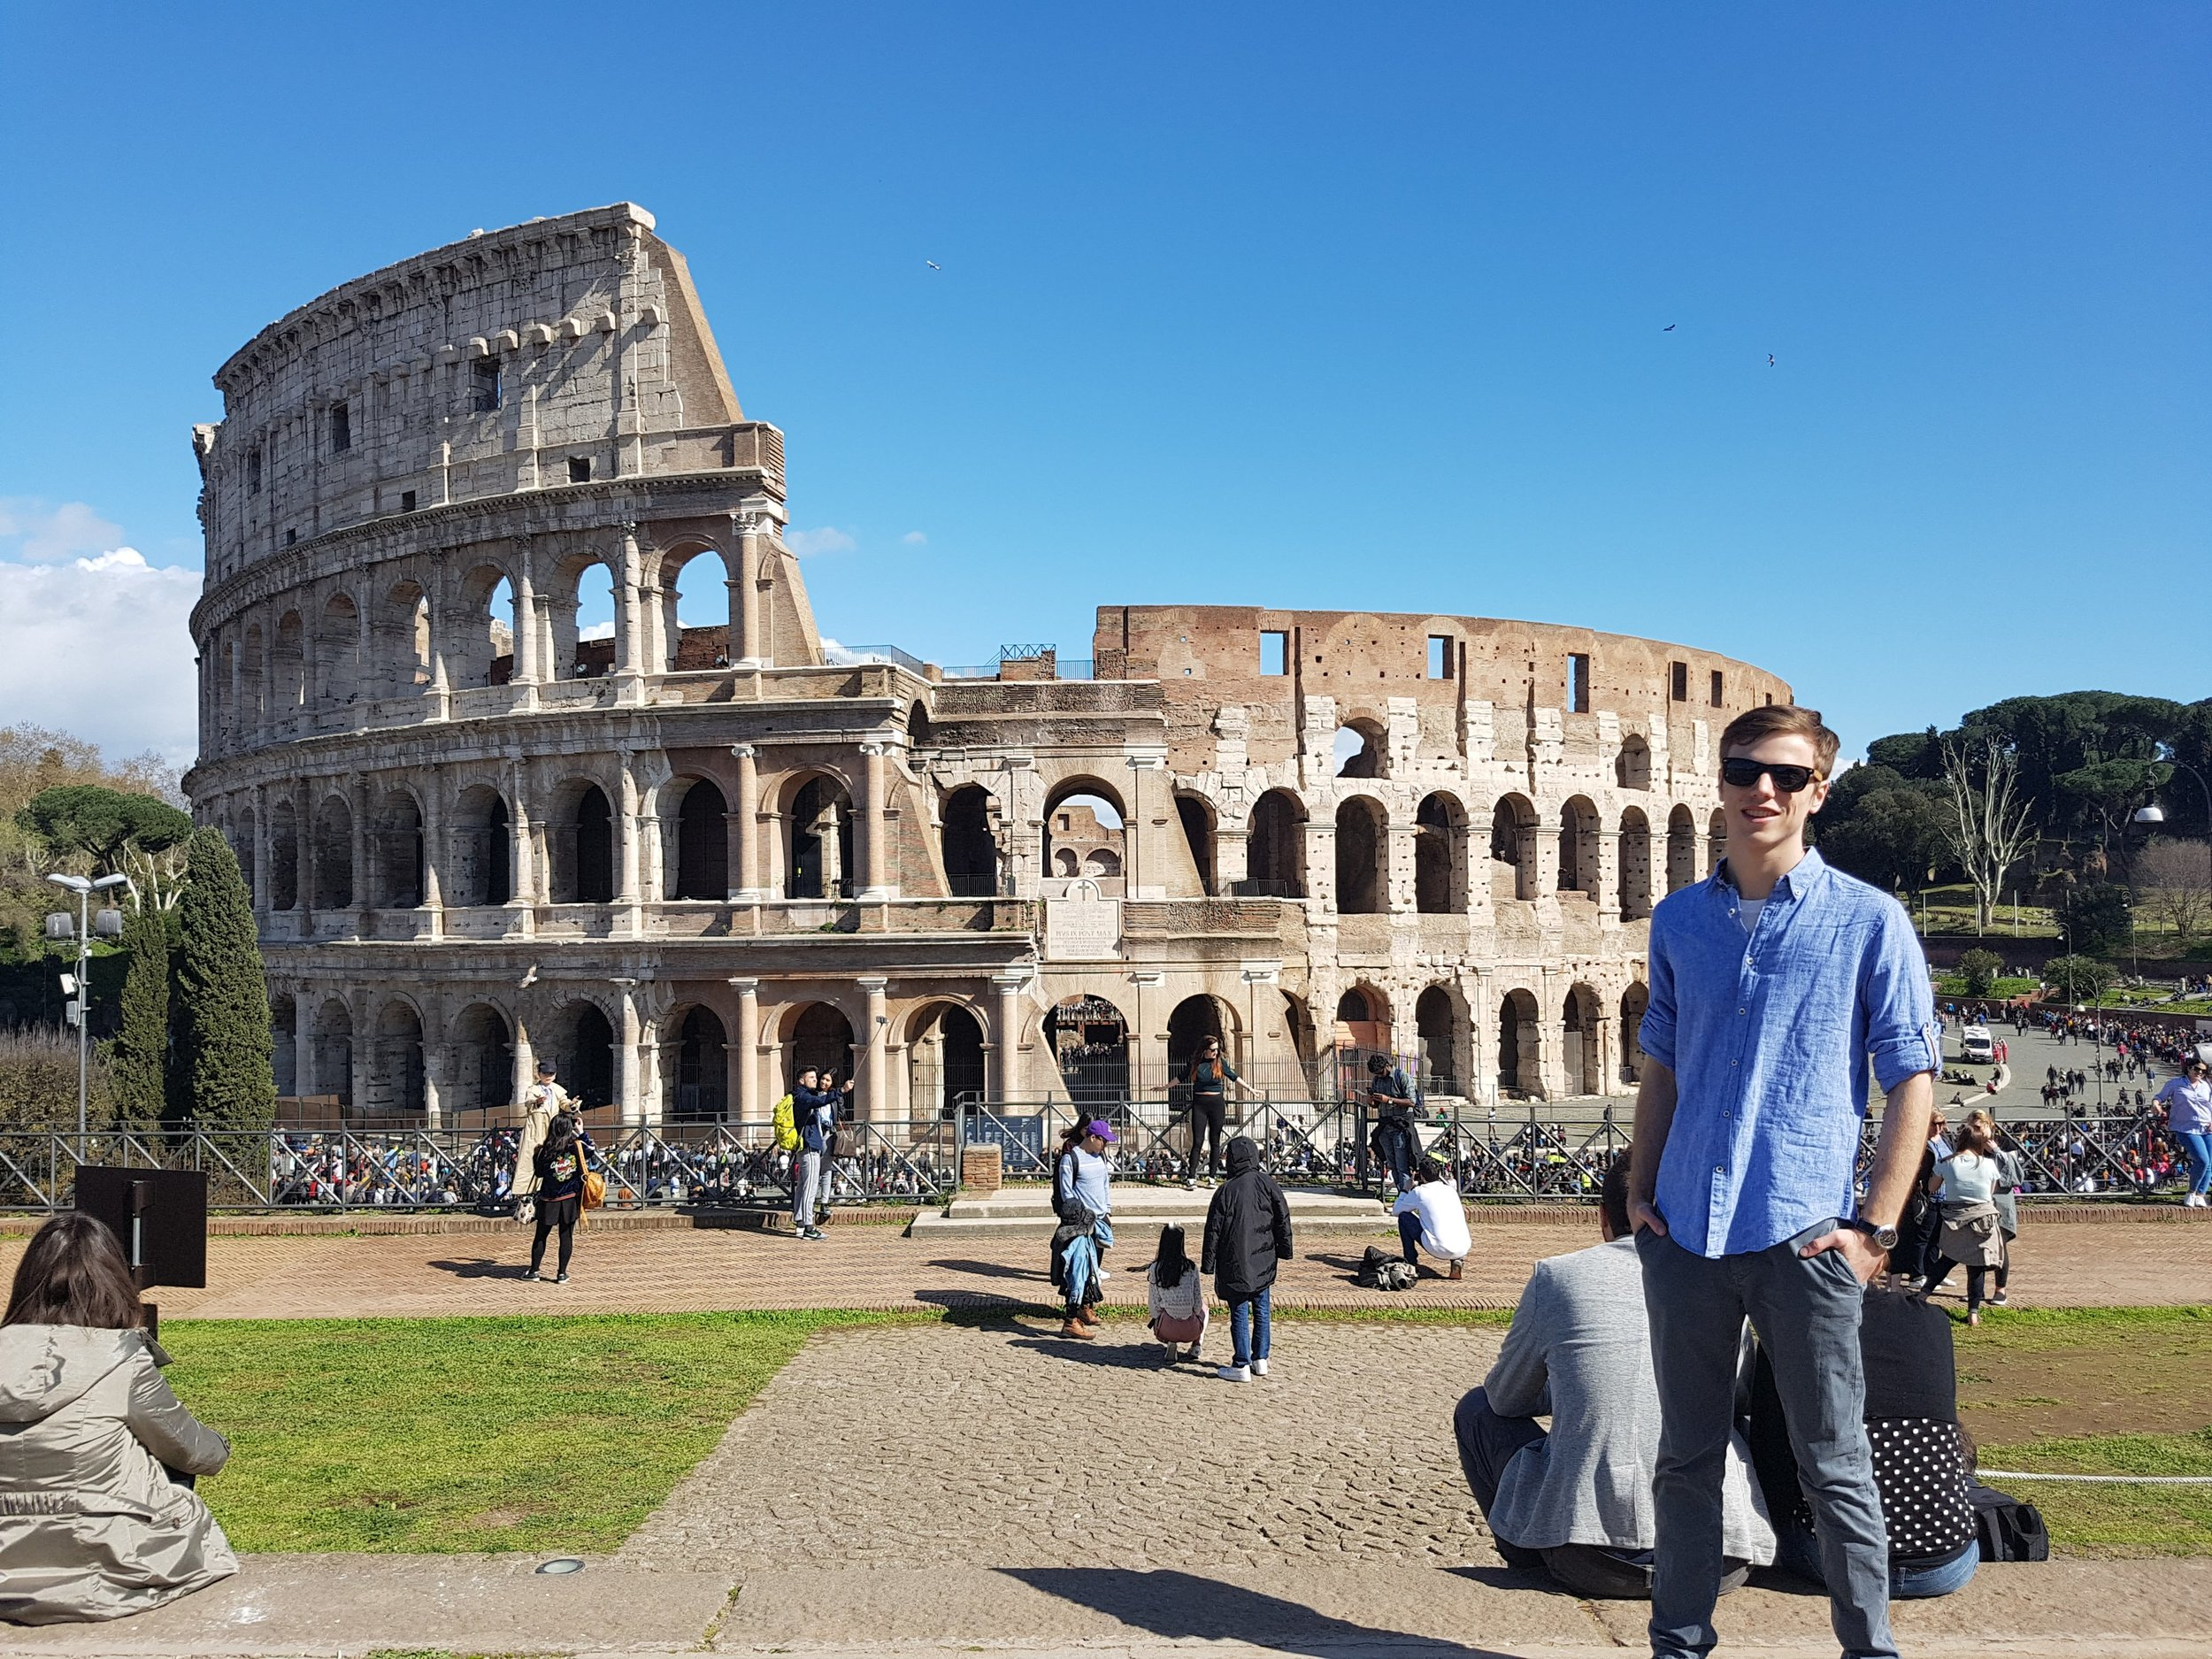 Rome, Italy. 2018.